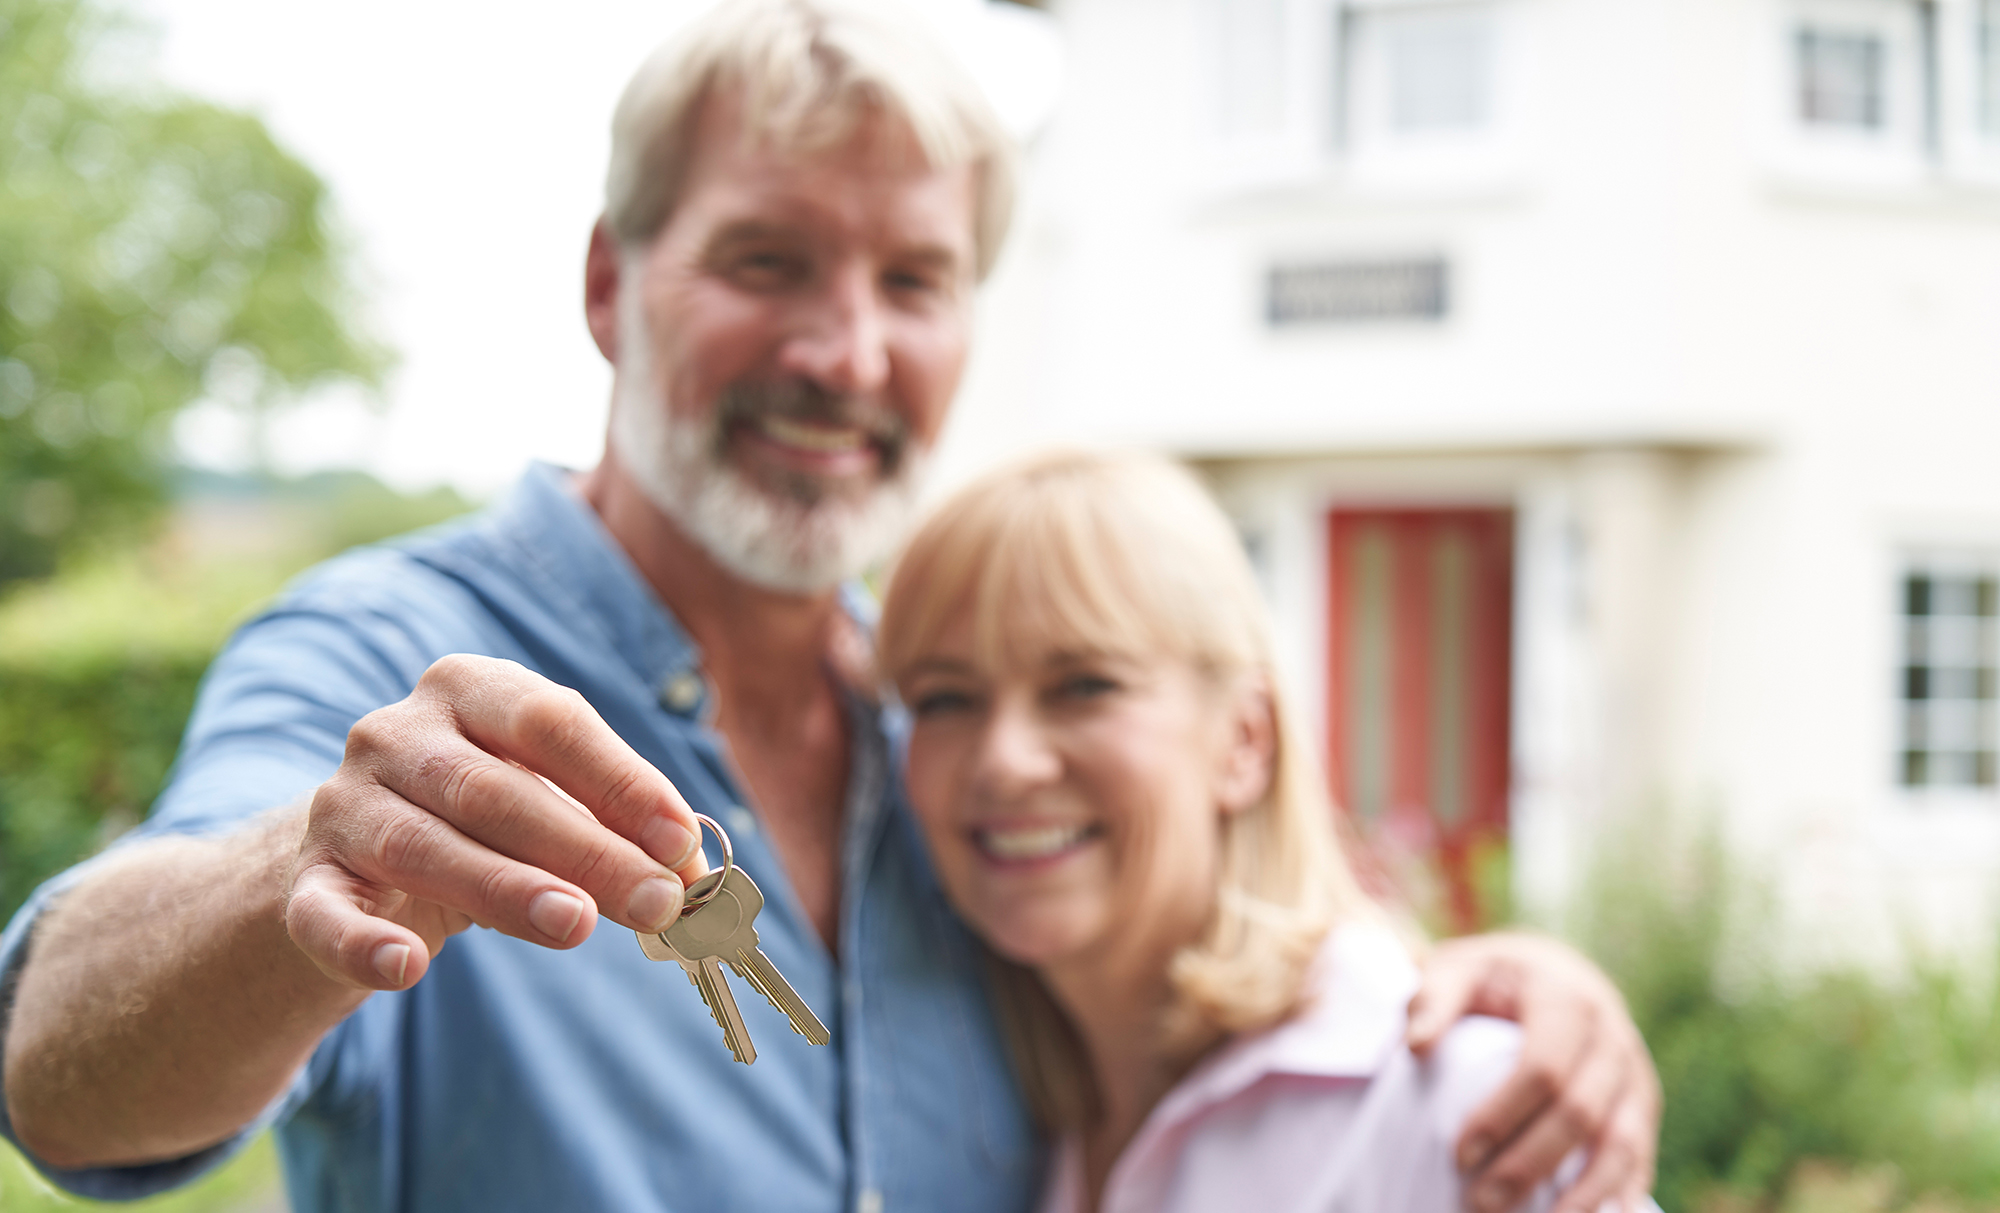 Wohnung verkaufen Remscheidf: Hier erhalten Sie Informationen zum Wohnungsverkauf in Remscheidf und eine kostenlose Immobilienbewertung